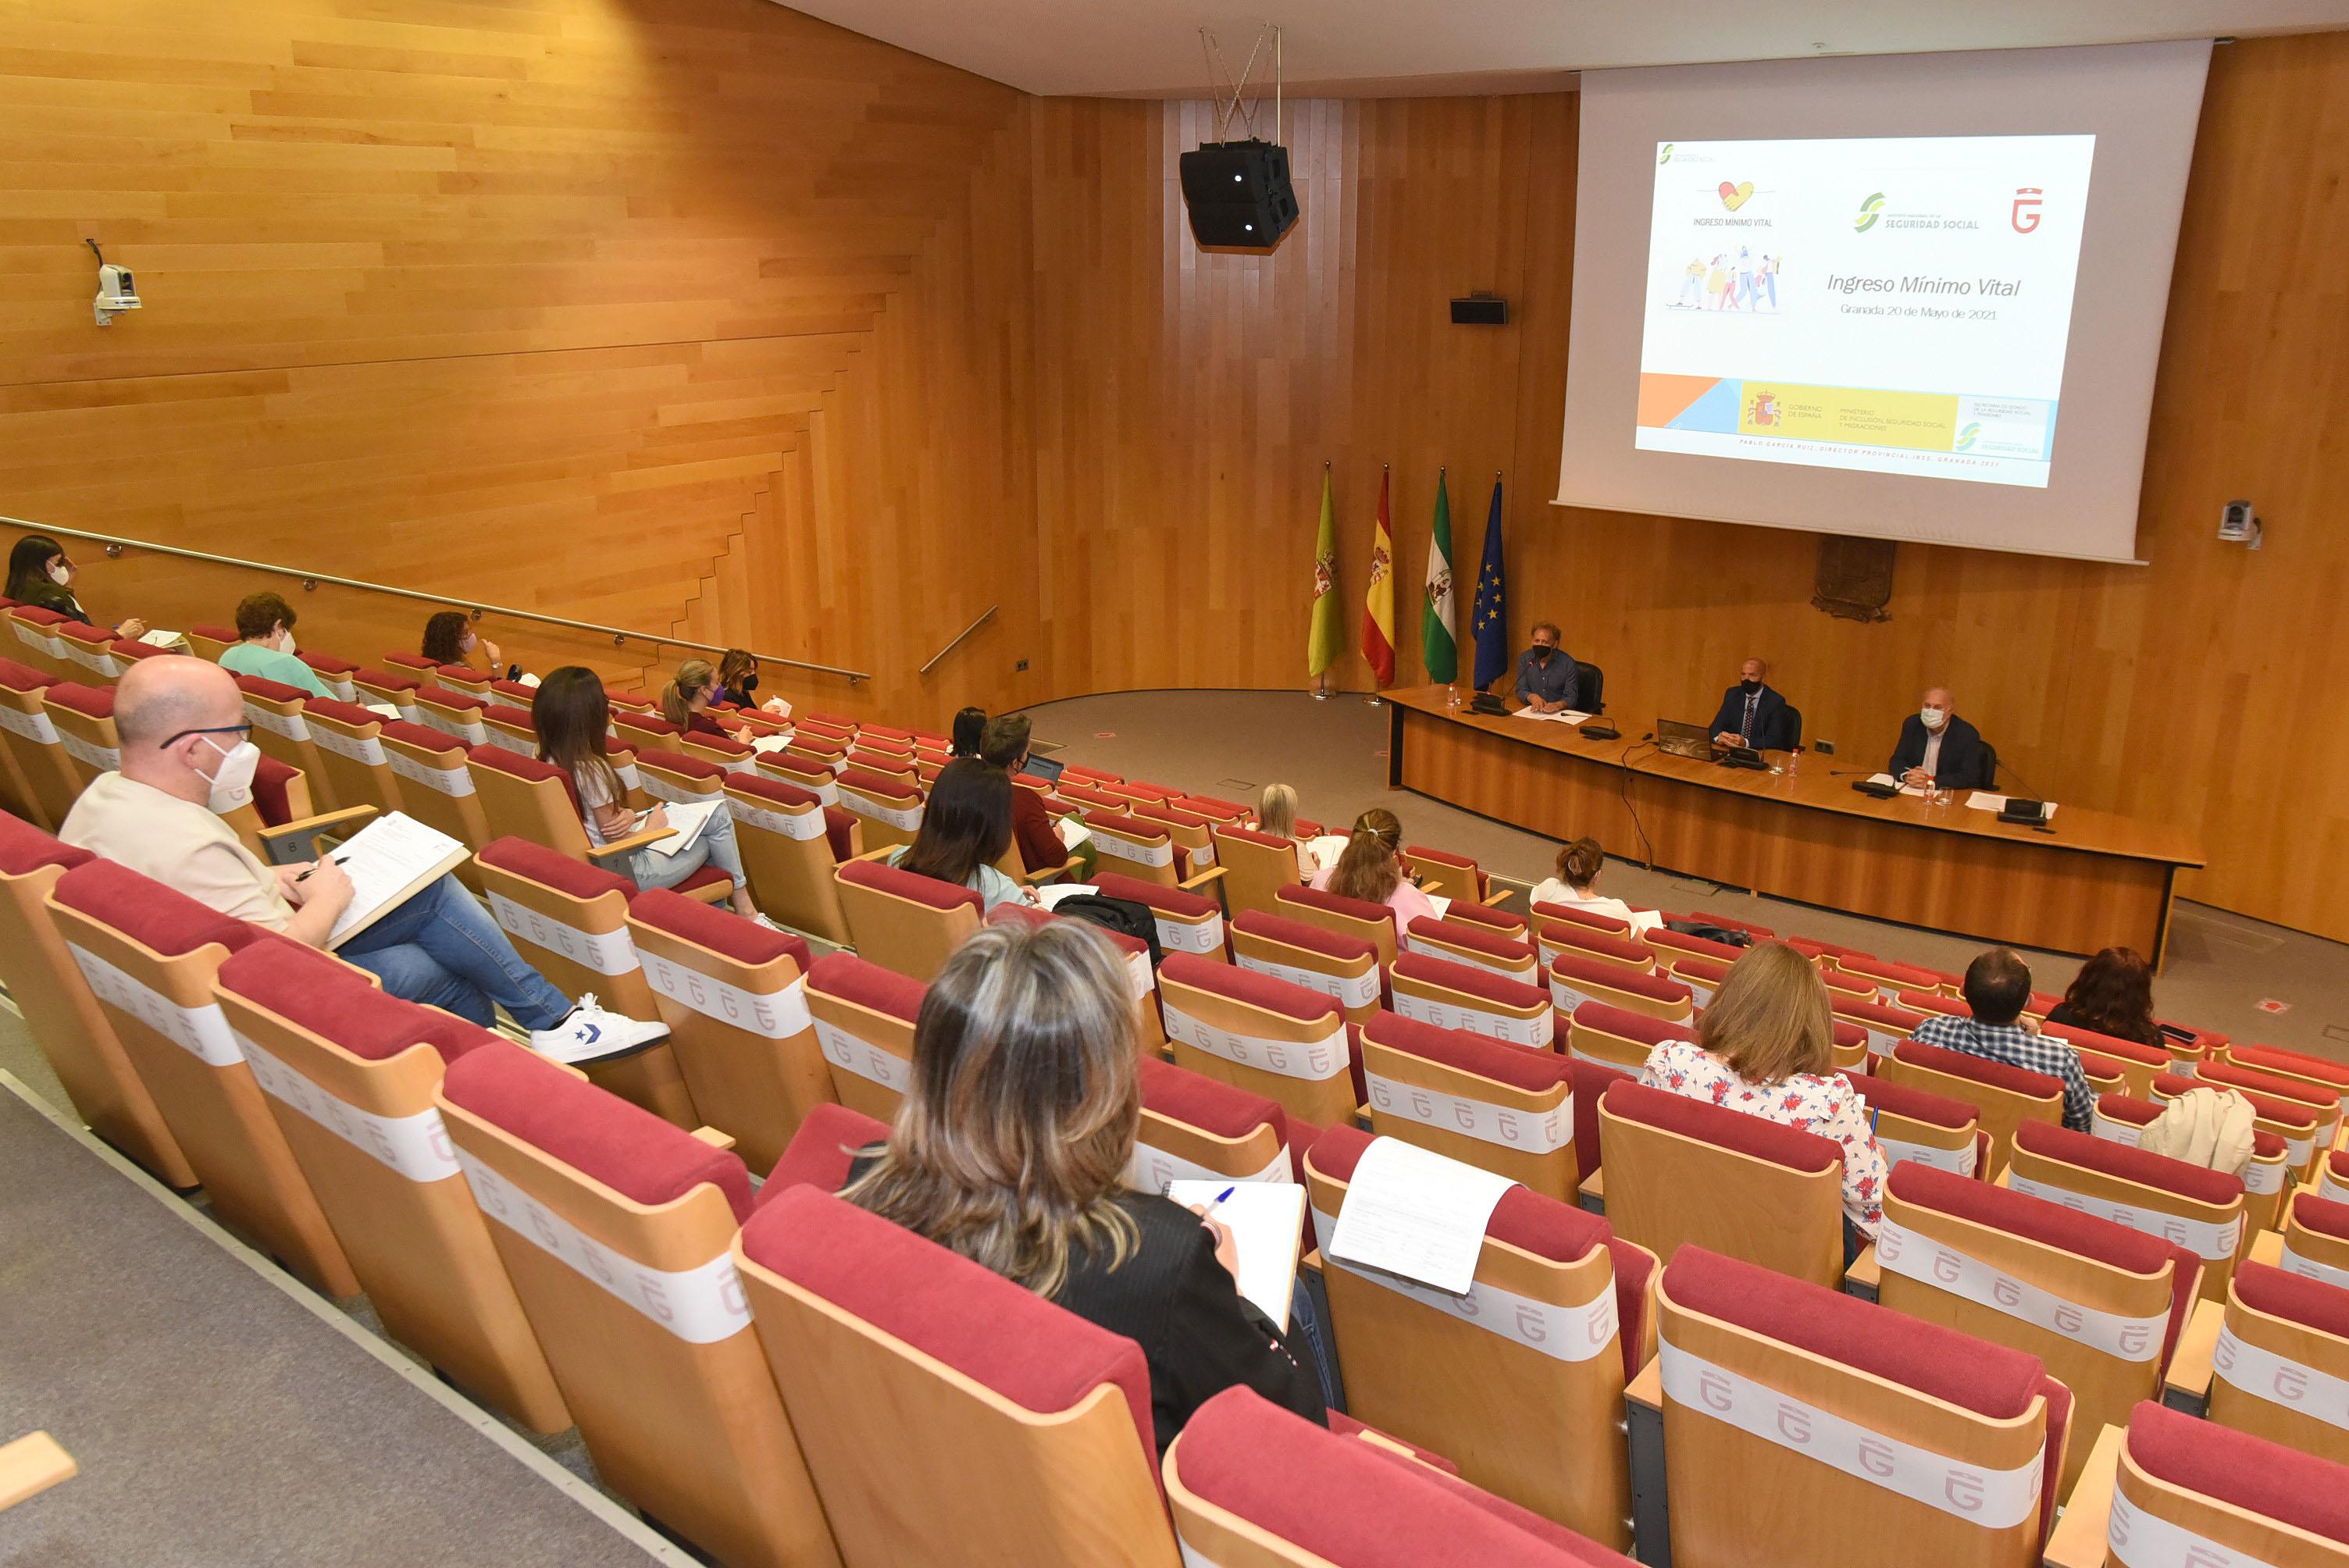 Diputación informa a los profesionales de Servicios Sociales Comunitarios sobre la gestión del Ingreso Mínimo Vital